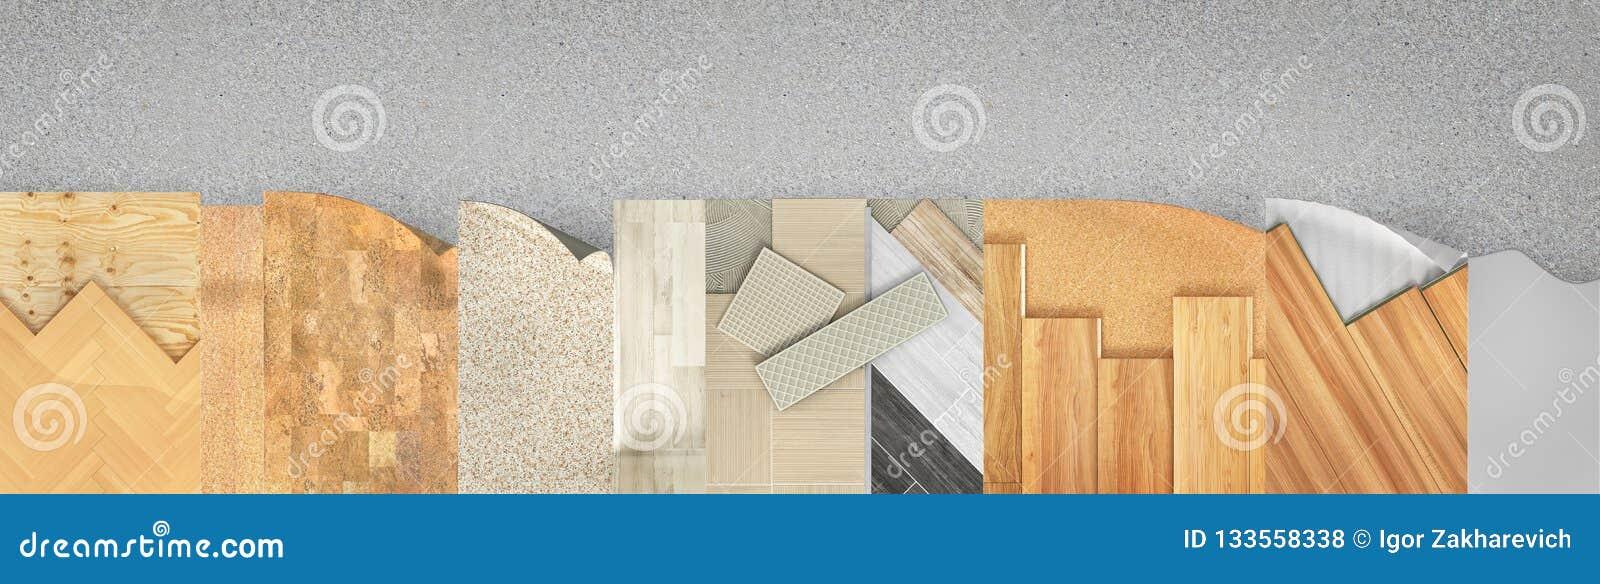 Différents types revêtement de plancher Ensemble de morceaux de revêtement différent de plancher